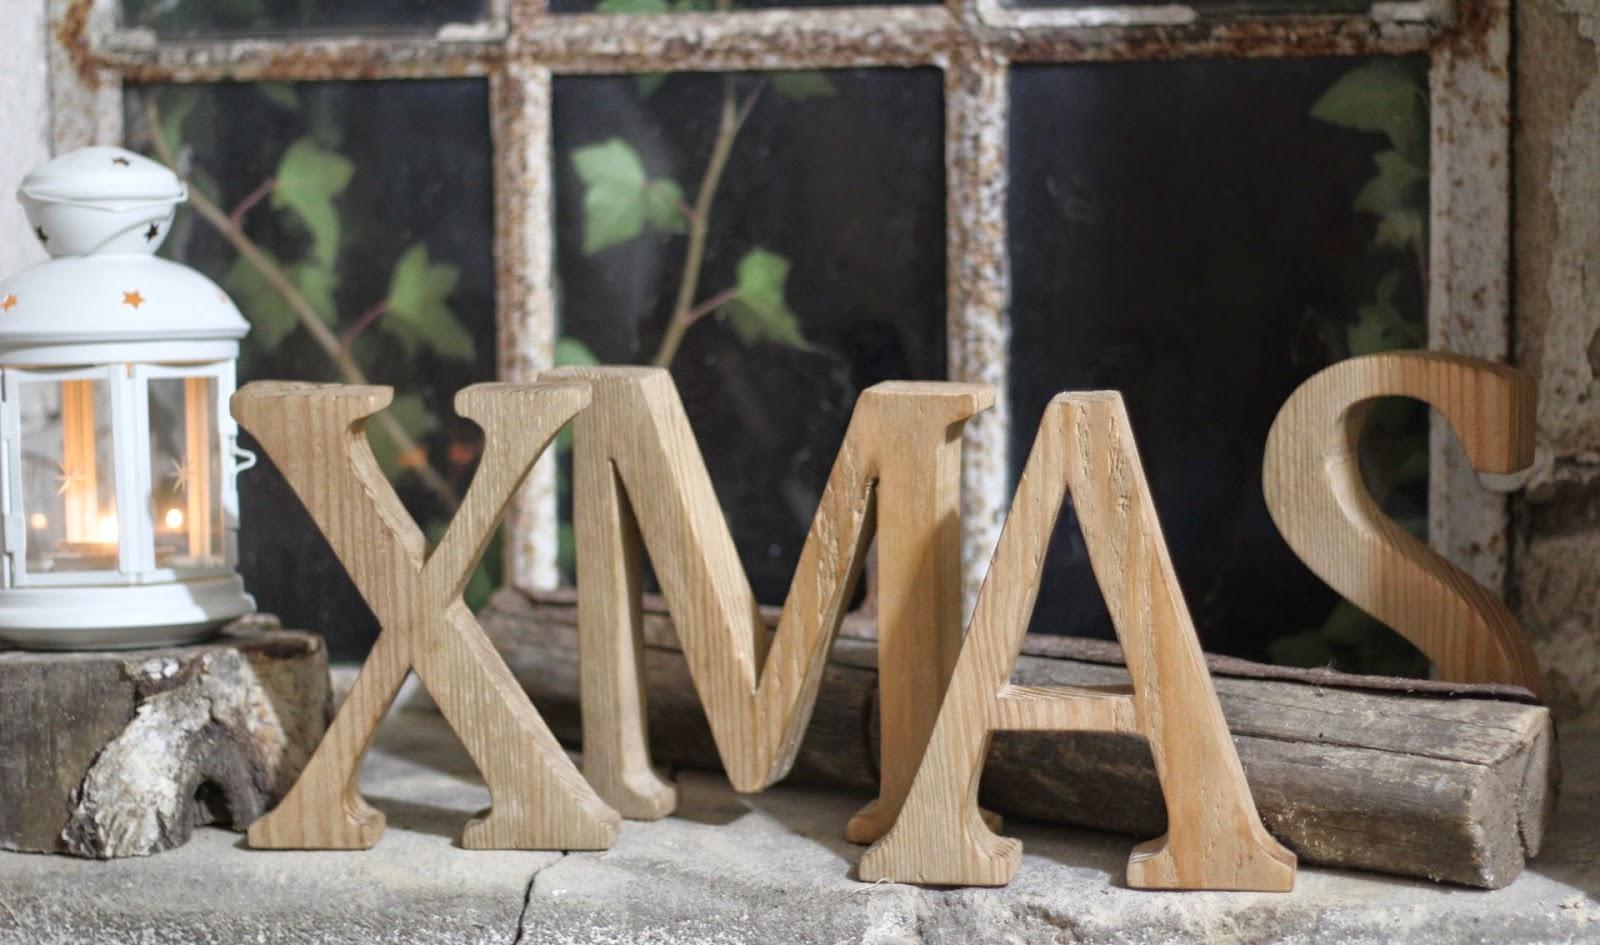 Boże Narodzenie,Prezent,Drewnian Dekoracja świąteczna